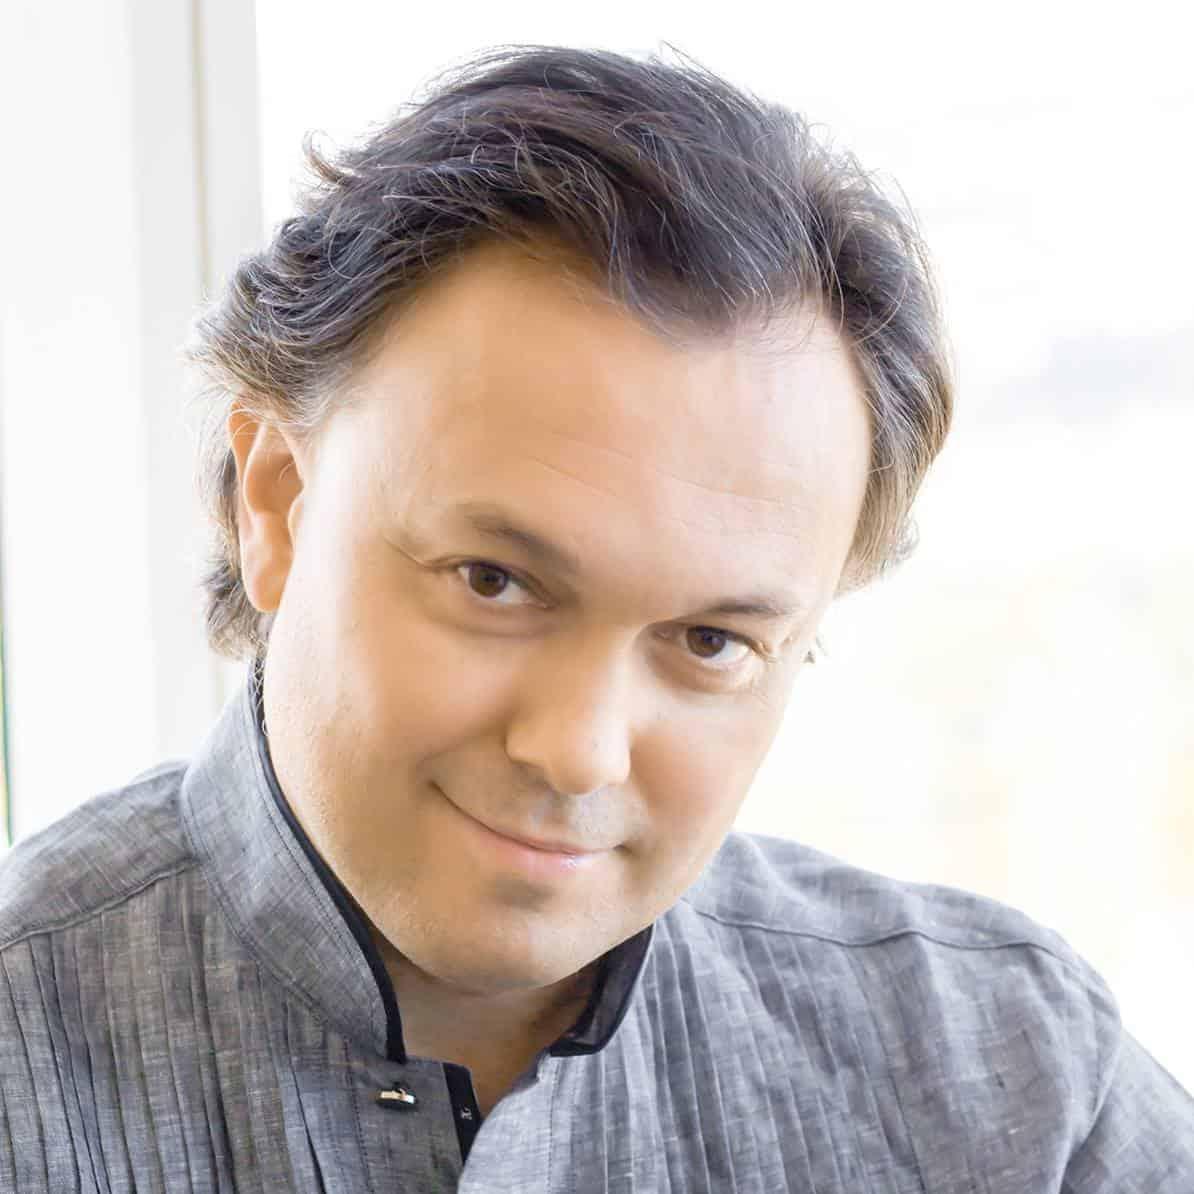 Composer Alexey Shor